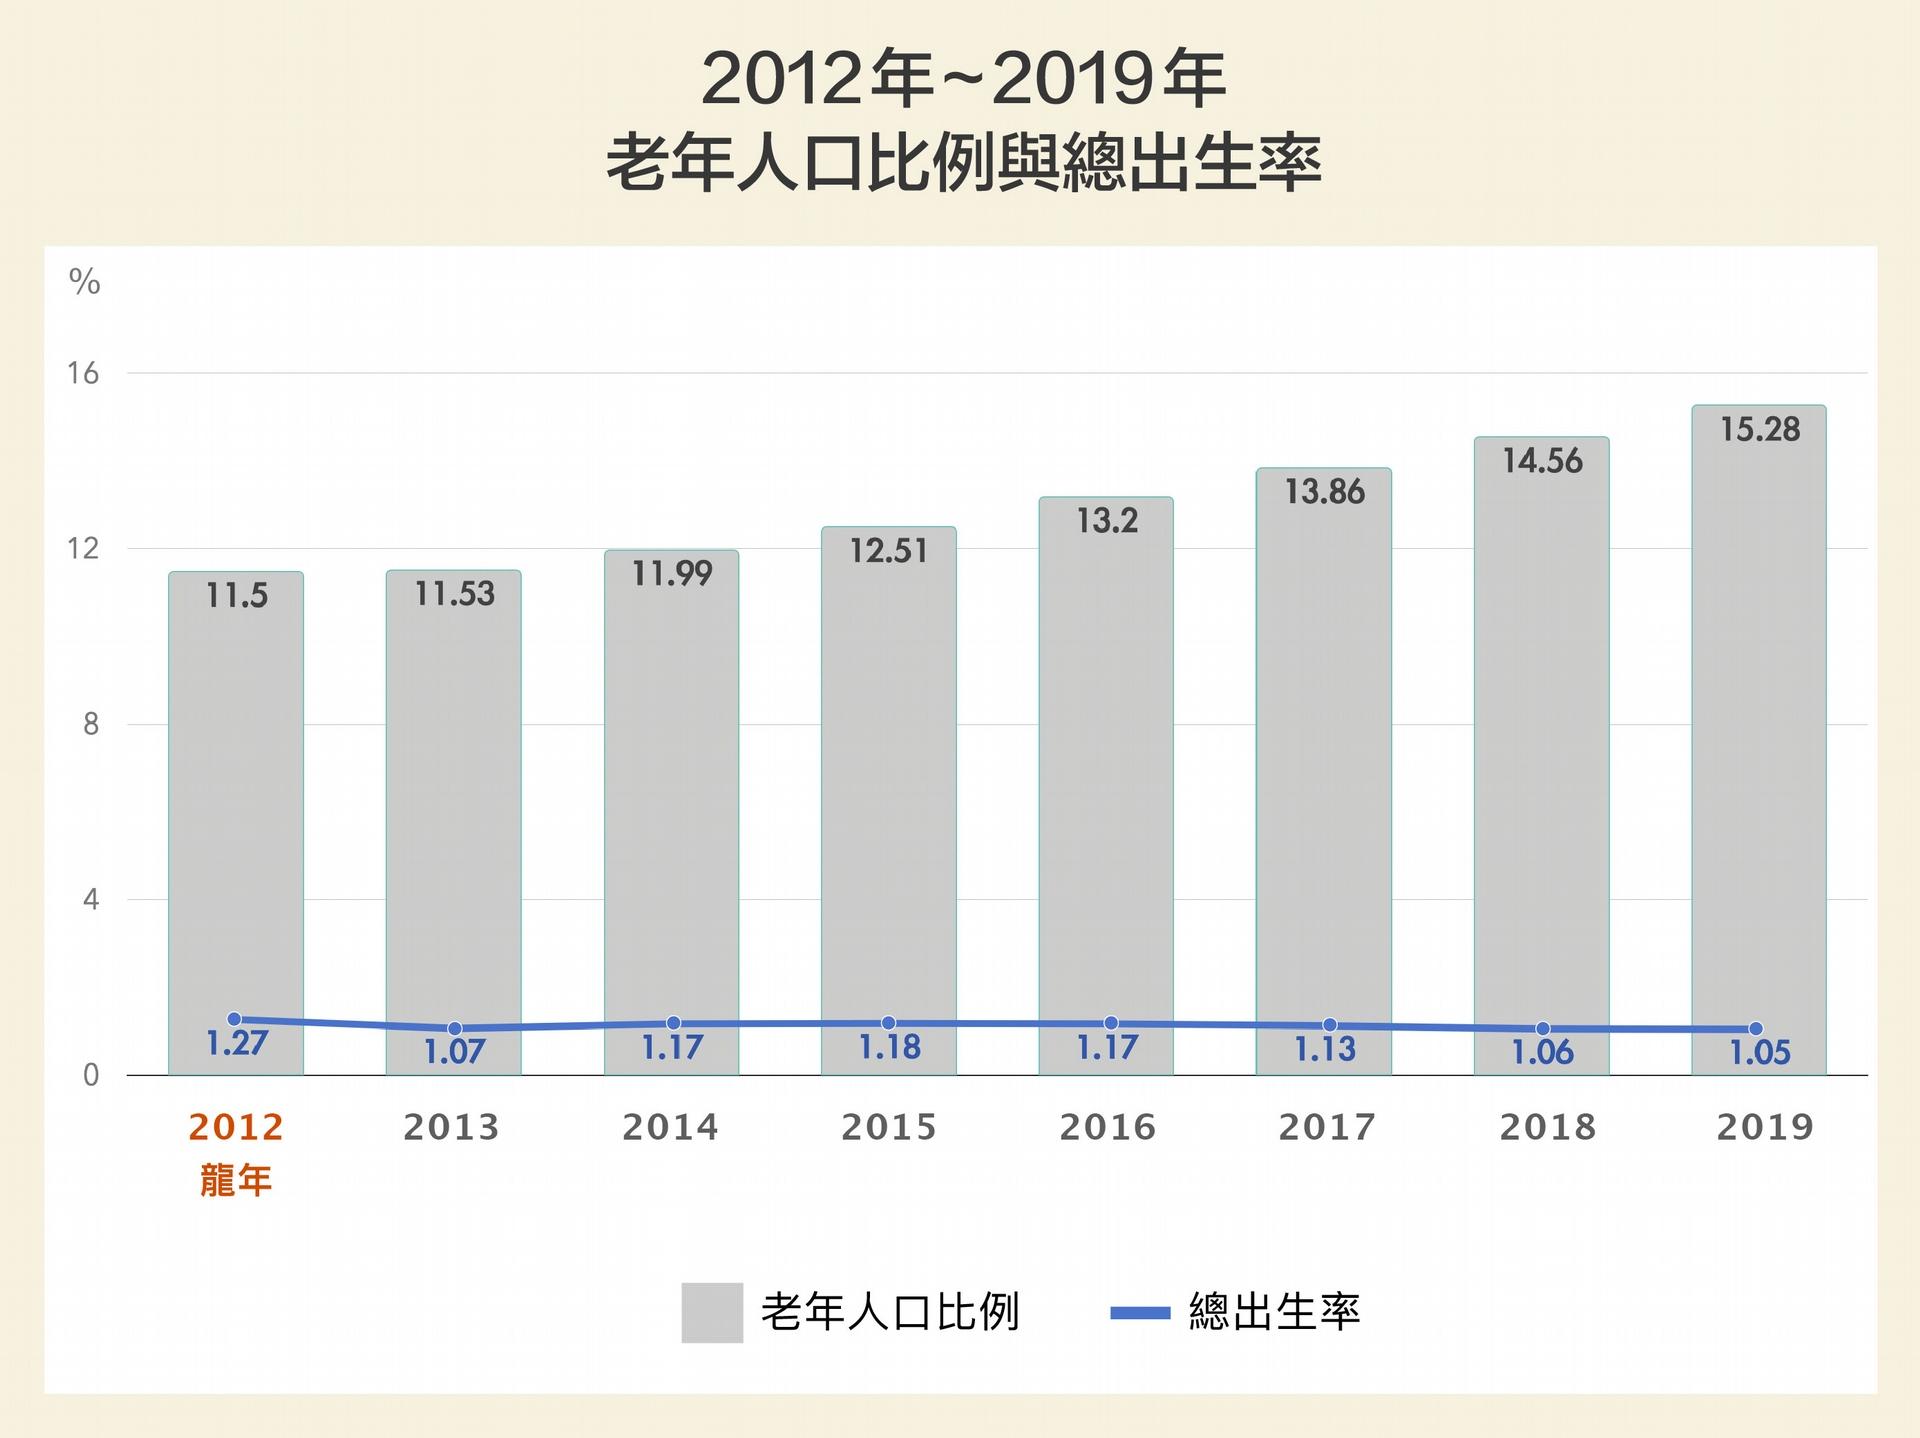 臺灣少子、高齡現象持續攀升,總出生率逐漸下降,老年人口比例迅速往超高齡國家邁進。2019 年底臺灣老化指數(65 歲以上人口/0-14 歲人口)已達到 119.82,代表未來世代的撫養壓力將會大增。 圖│研之有物